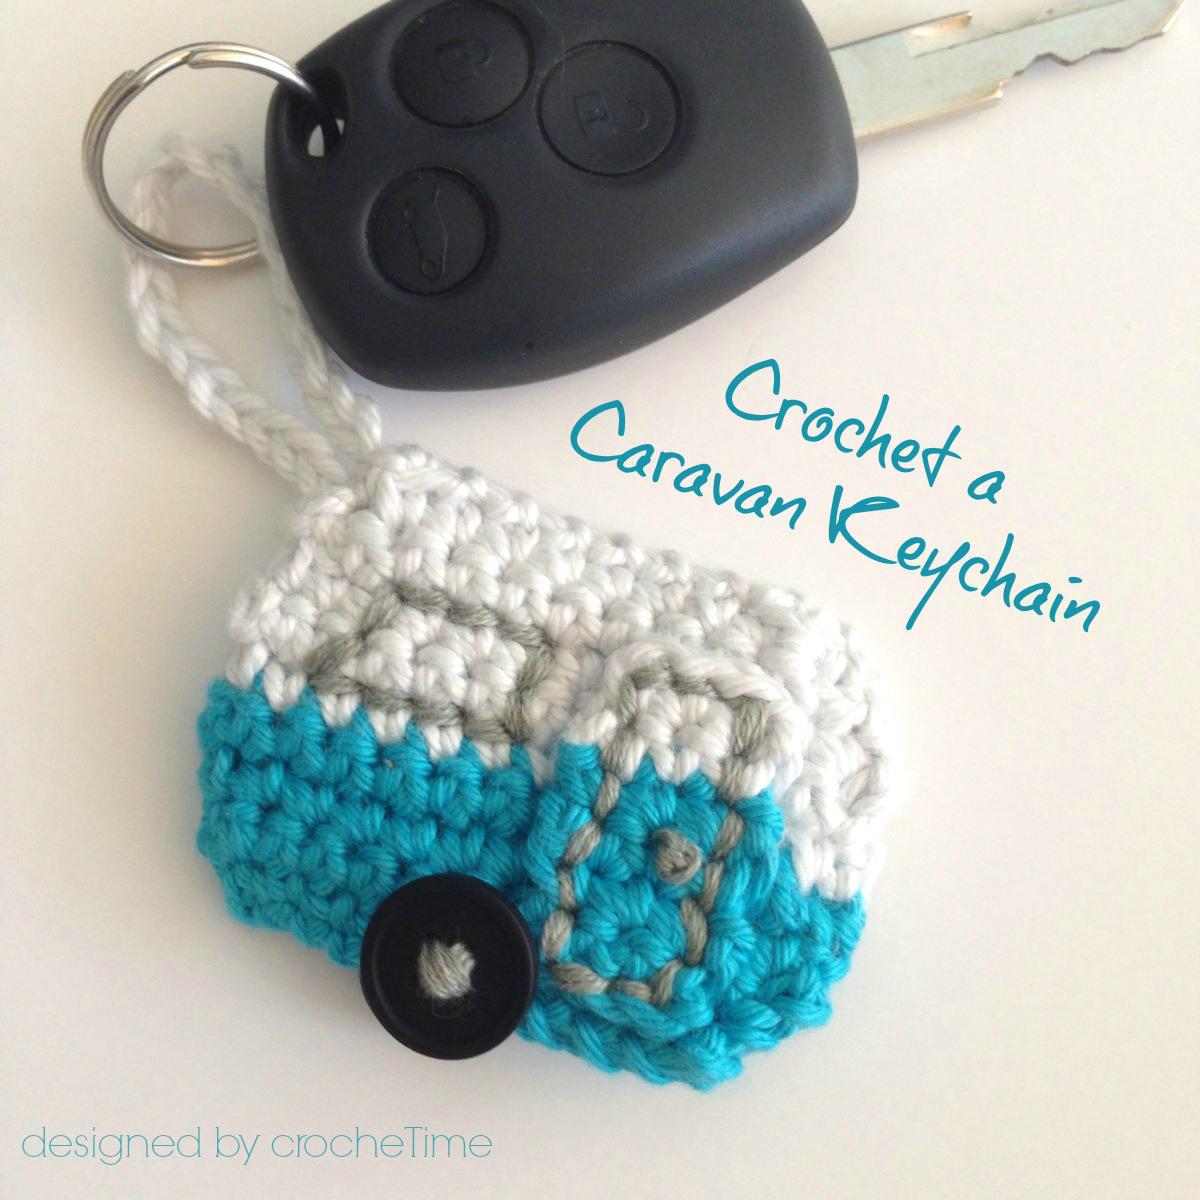 Crochet A Caravan For Your Keychain